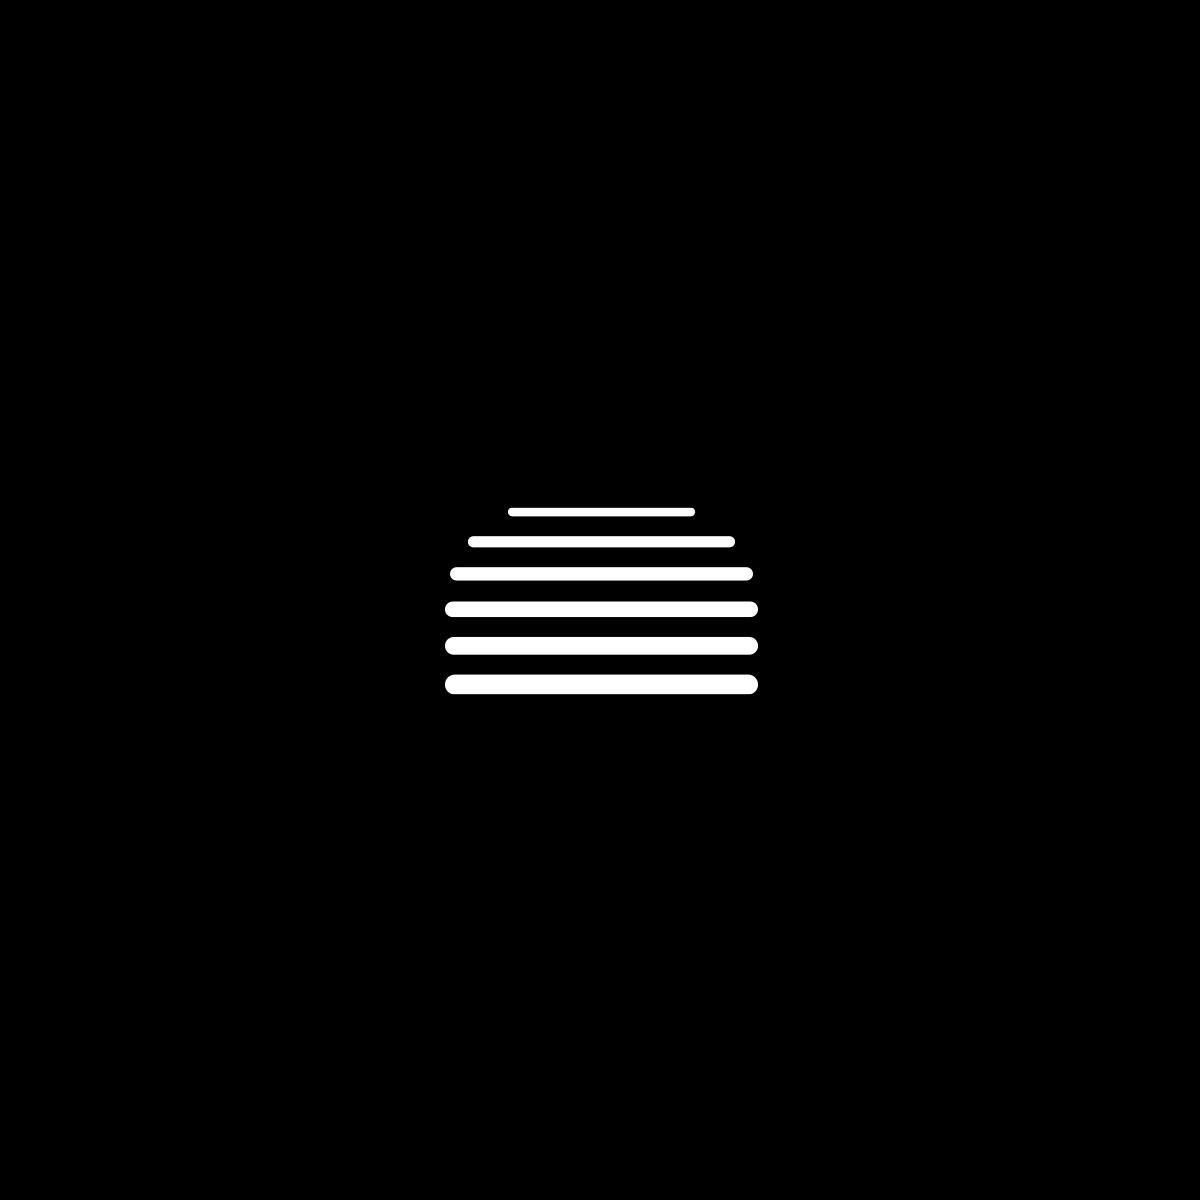 logocollection-v2-16